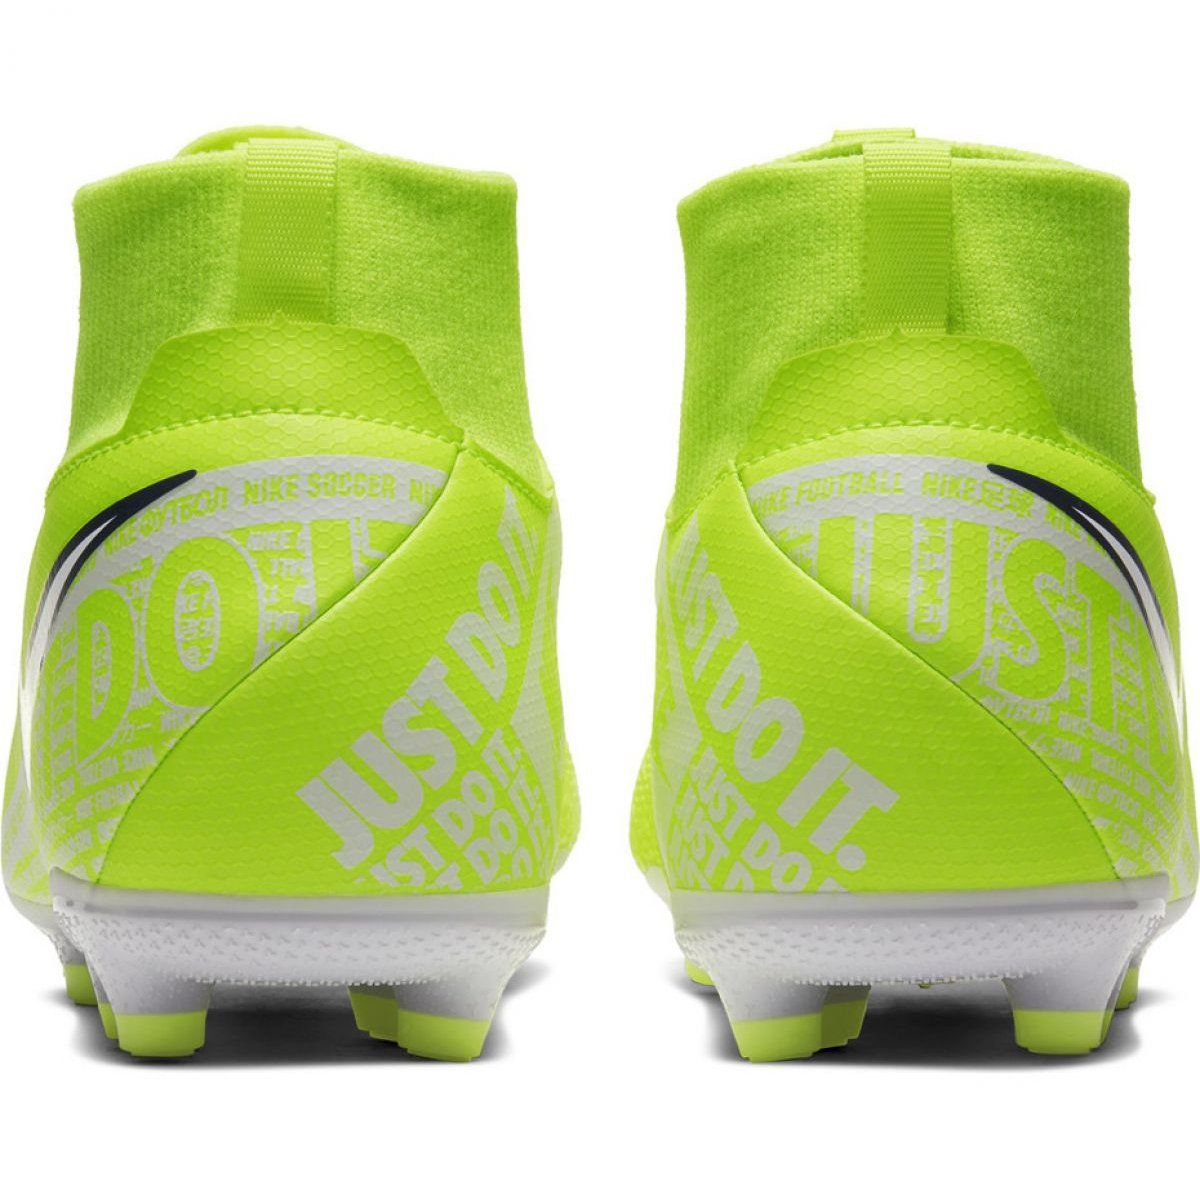 Buty Pilkarskie Nike Phantom Vsn Academy Df Fg Mg Jr Ao3287 717 Zolte Zolte Football Shoes Nike Shoes Shoes